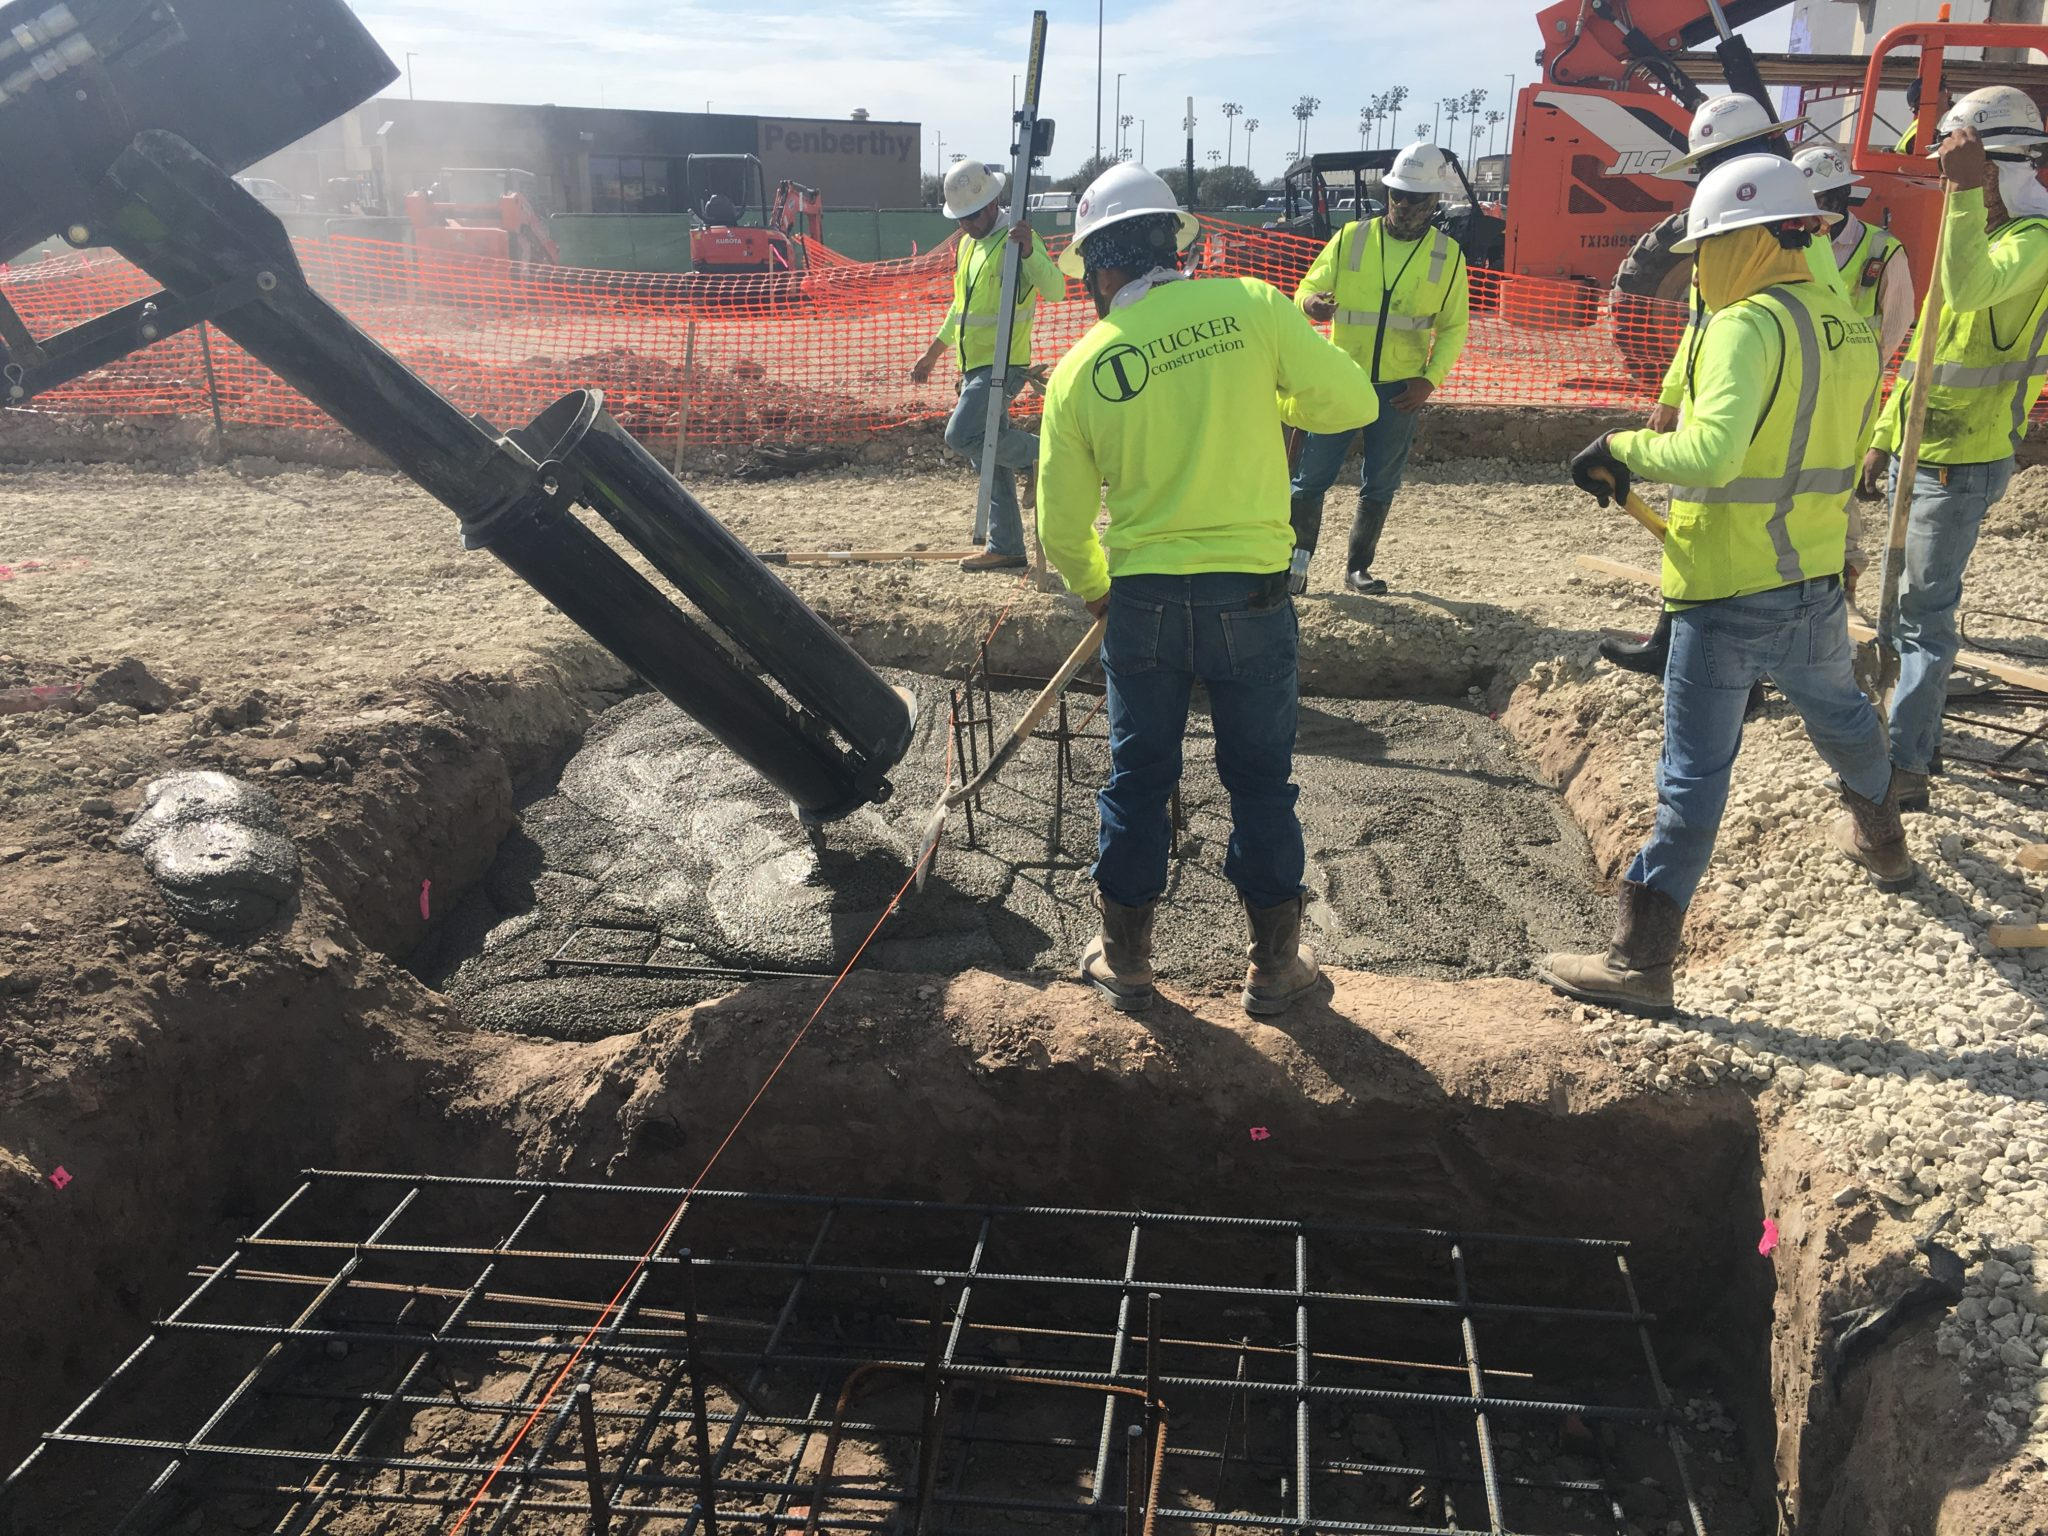 Tucker Construction